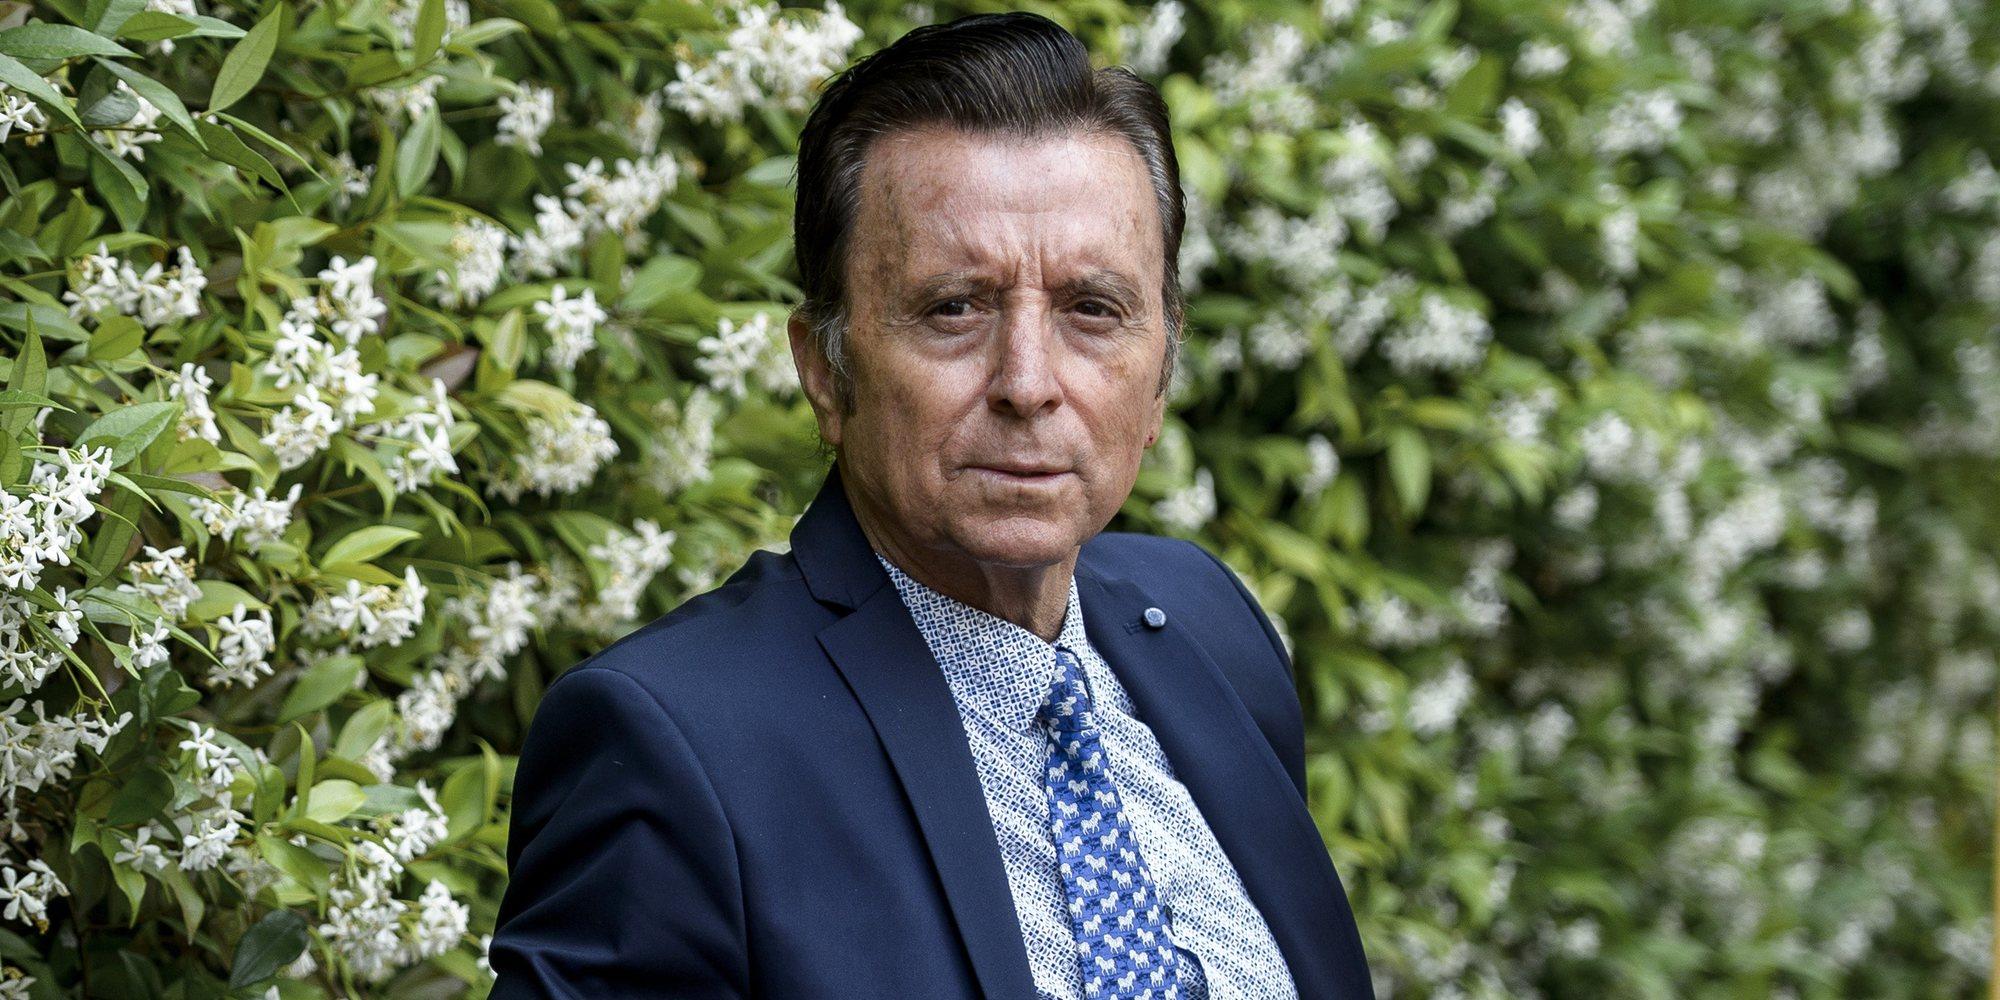 La razón de la tristeza de José Ortega Cano en el día de su boda con Ana María Aldón